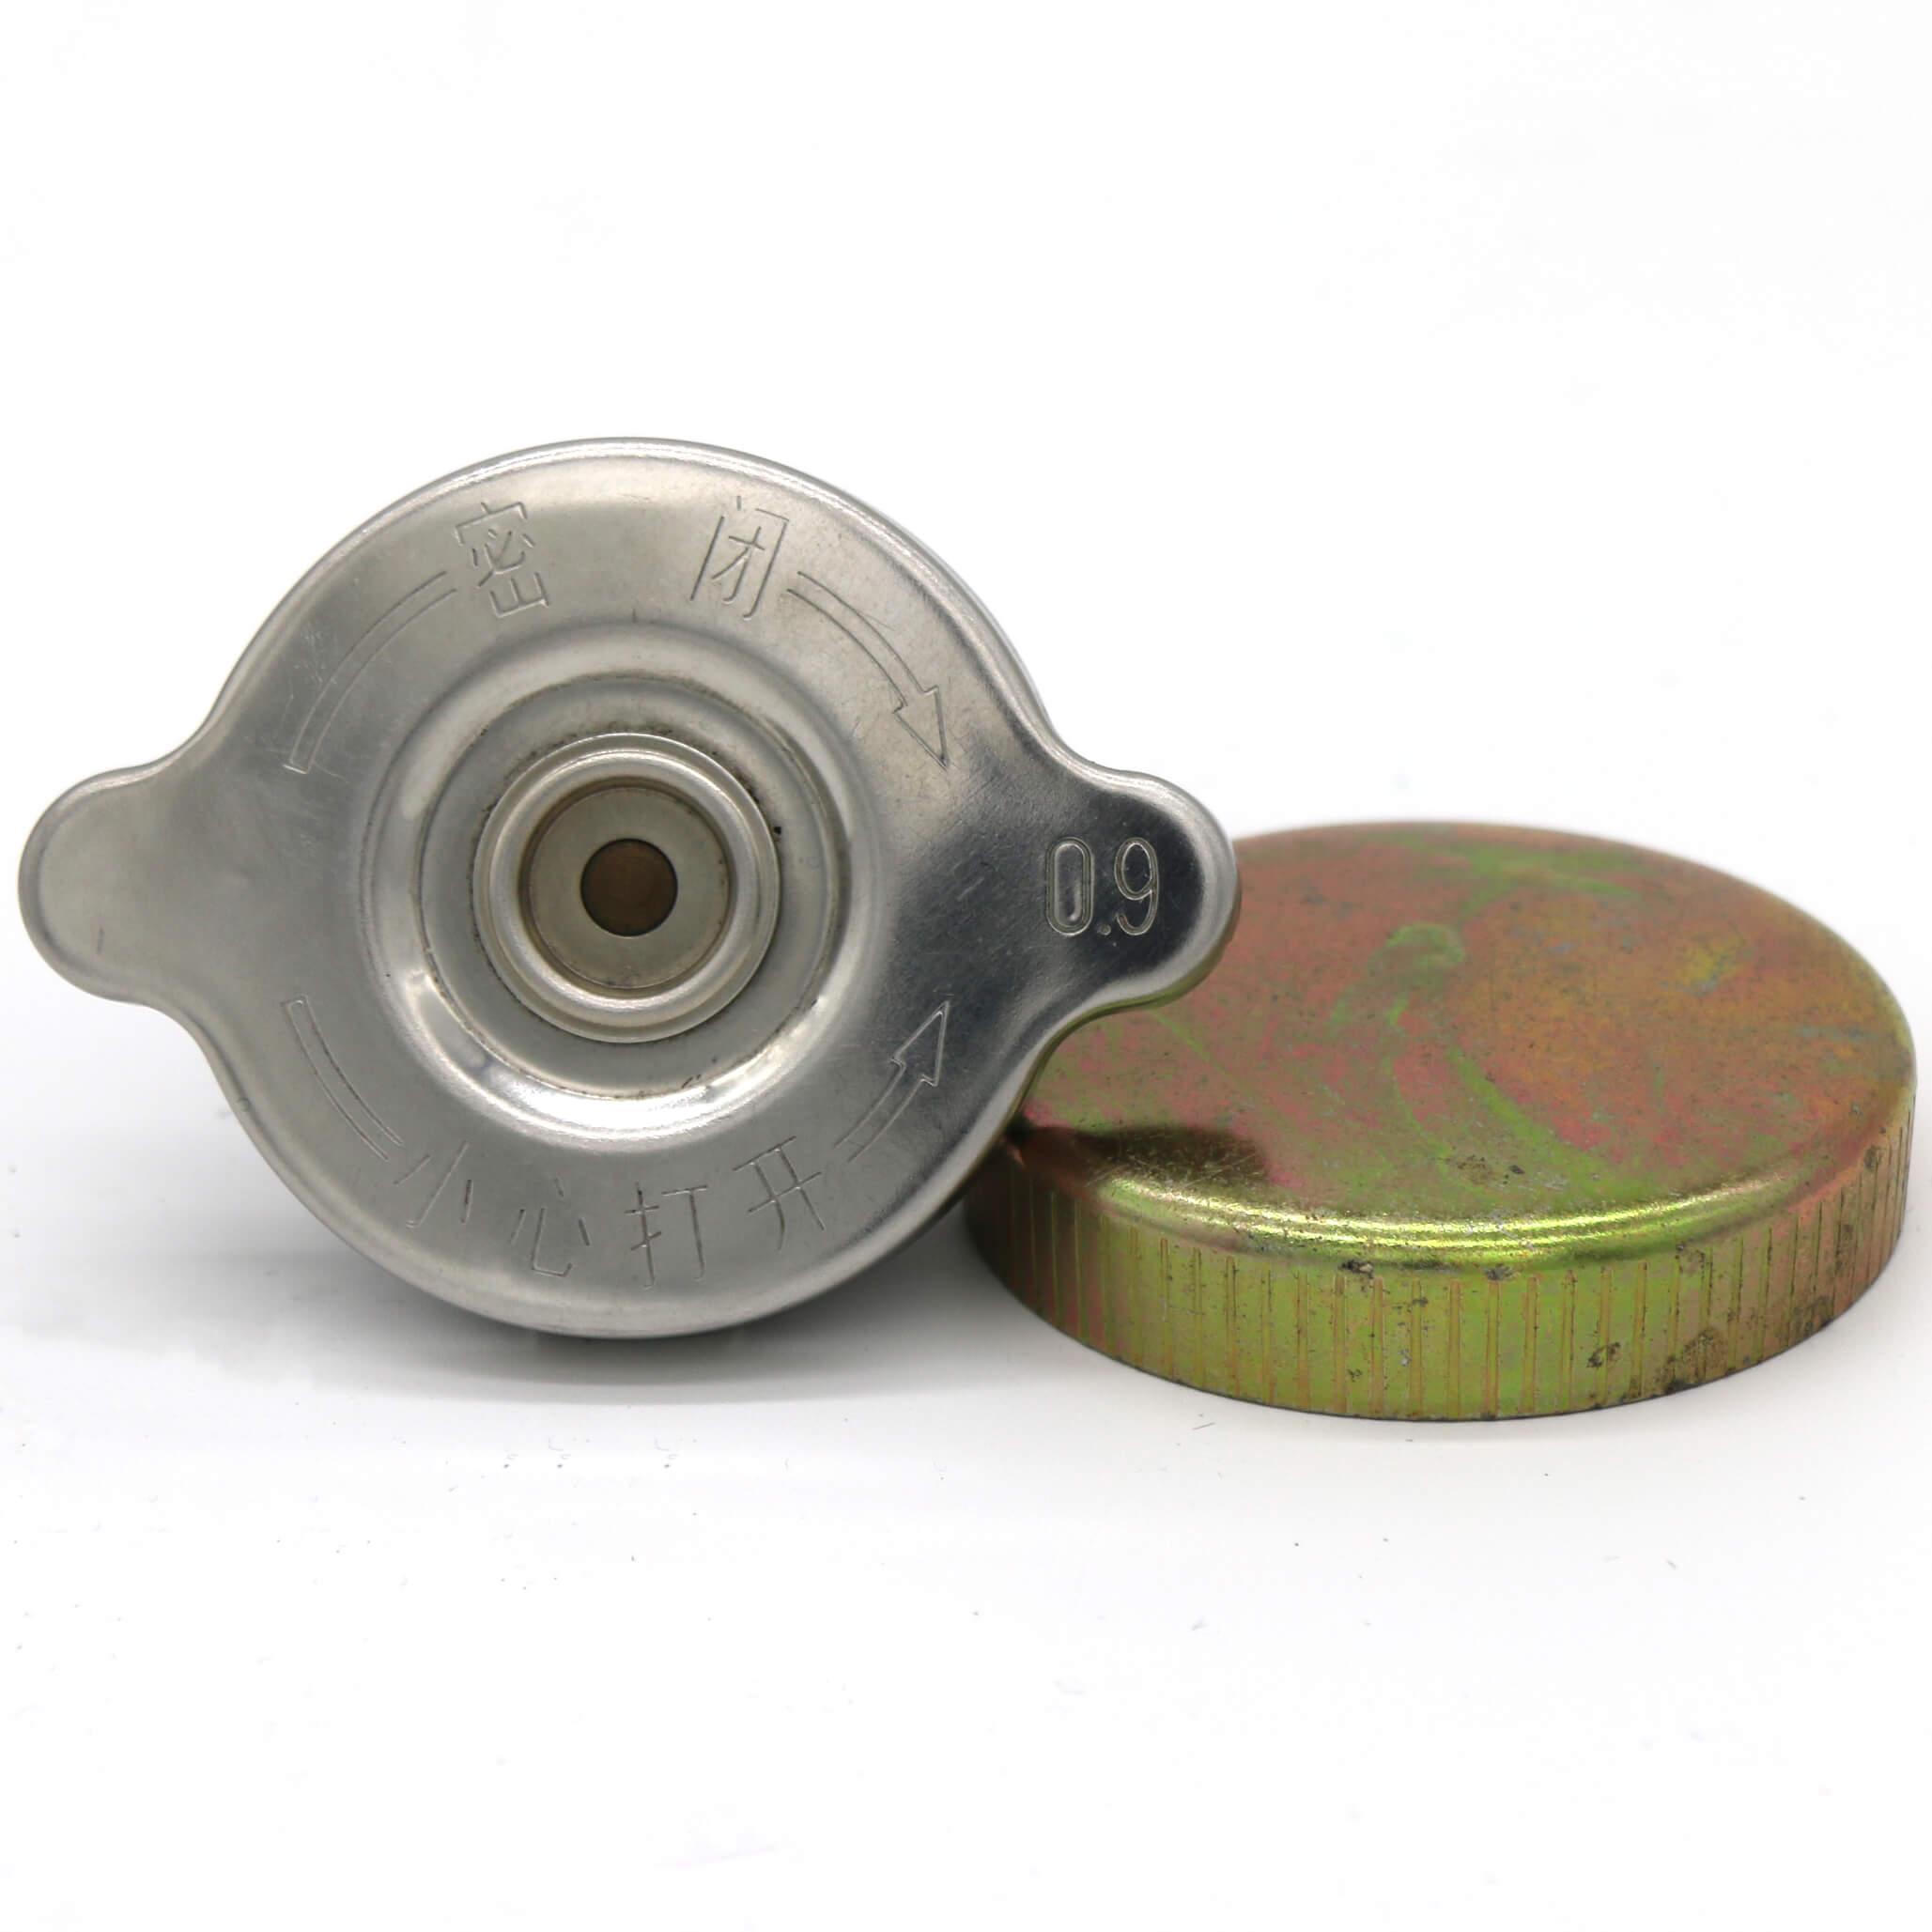 Radiator cap custom design, aluminum, aluminium, steel, brass